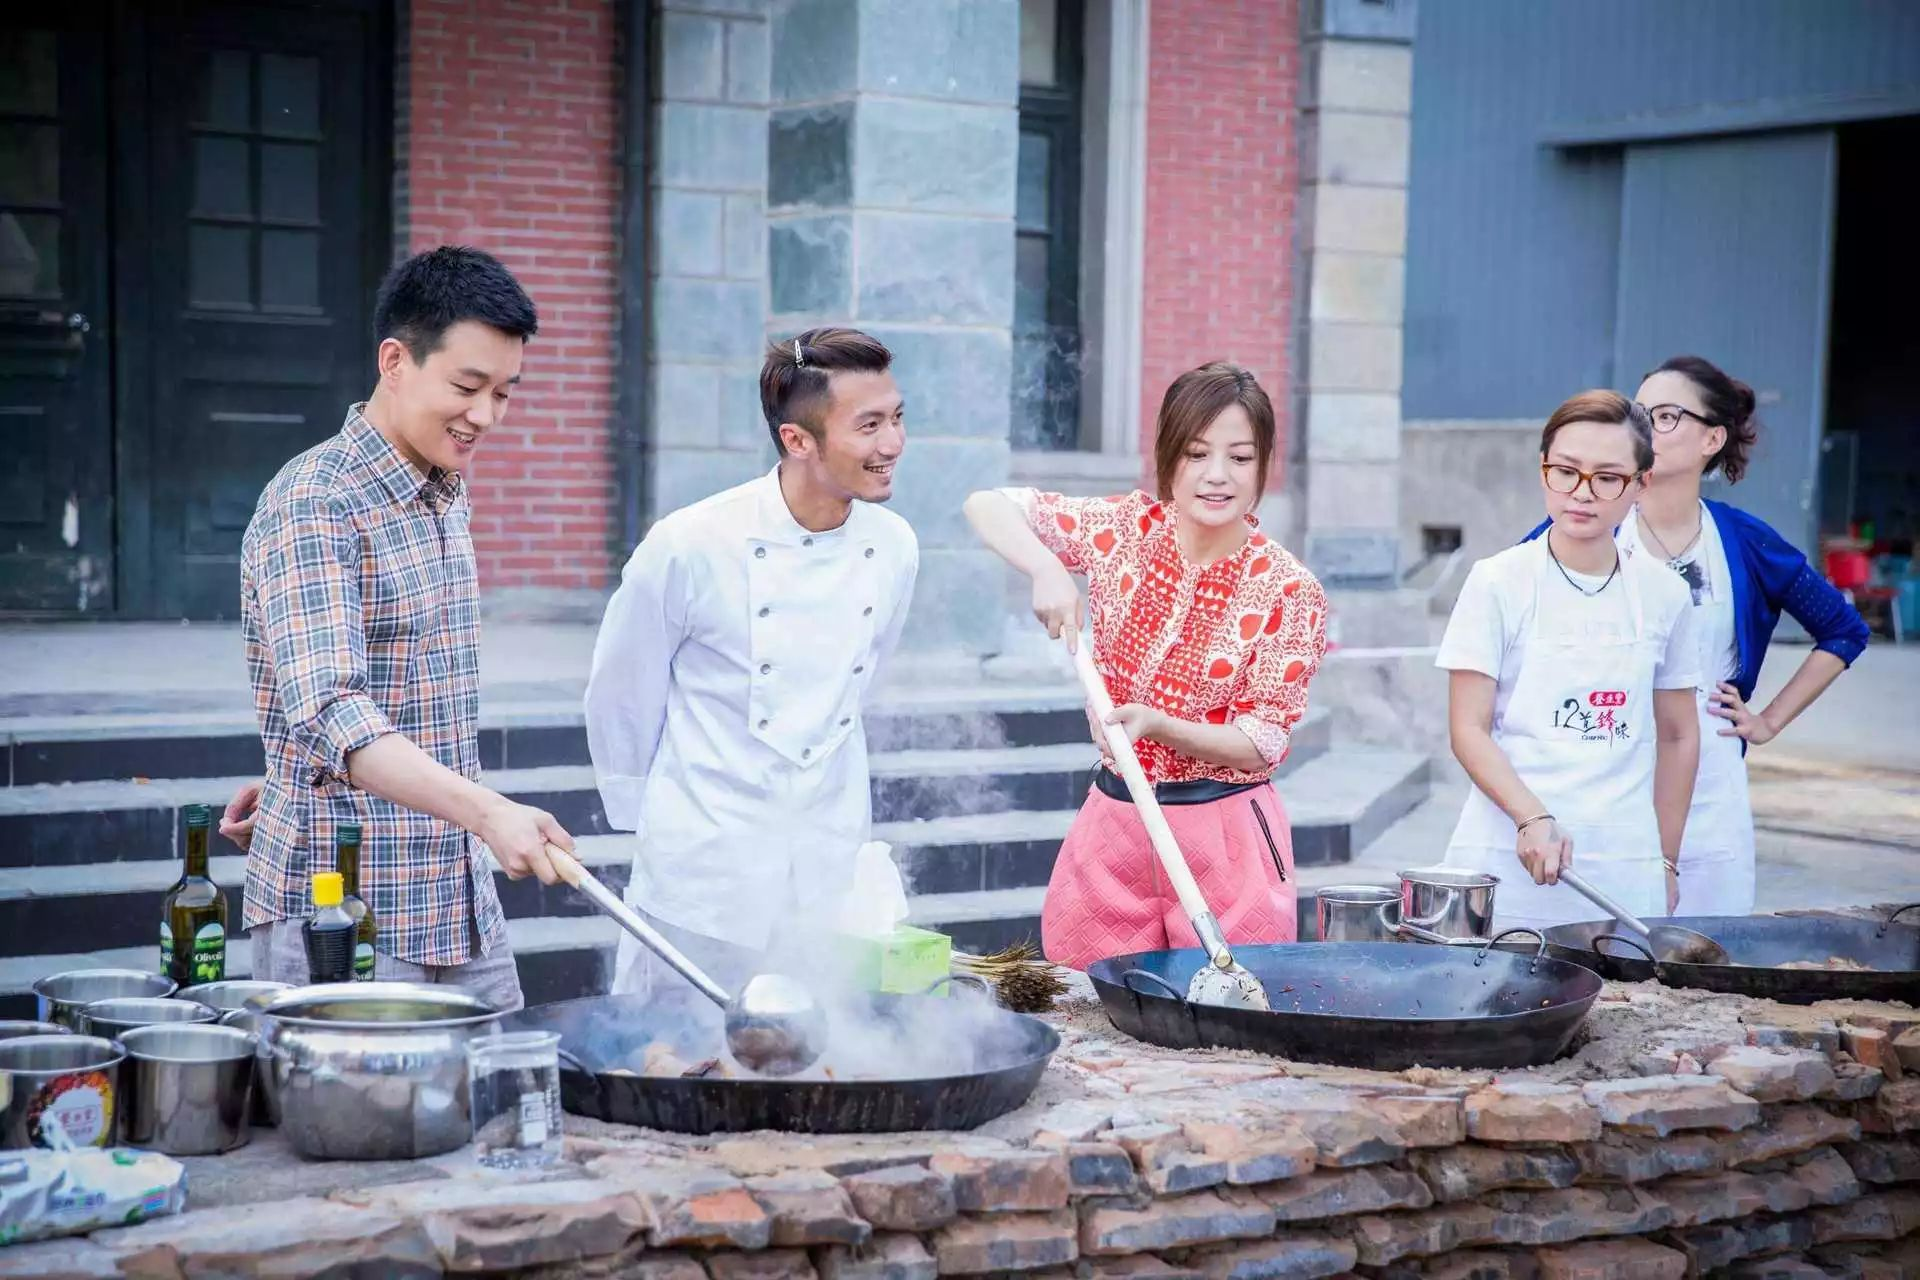 看得出来他们在做菜的过程中收获了不少快乐图片